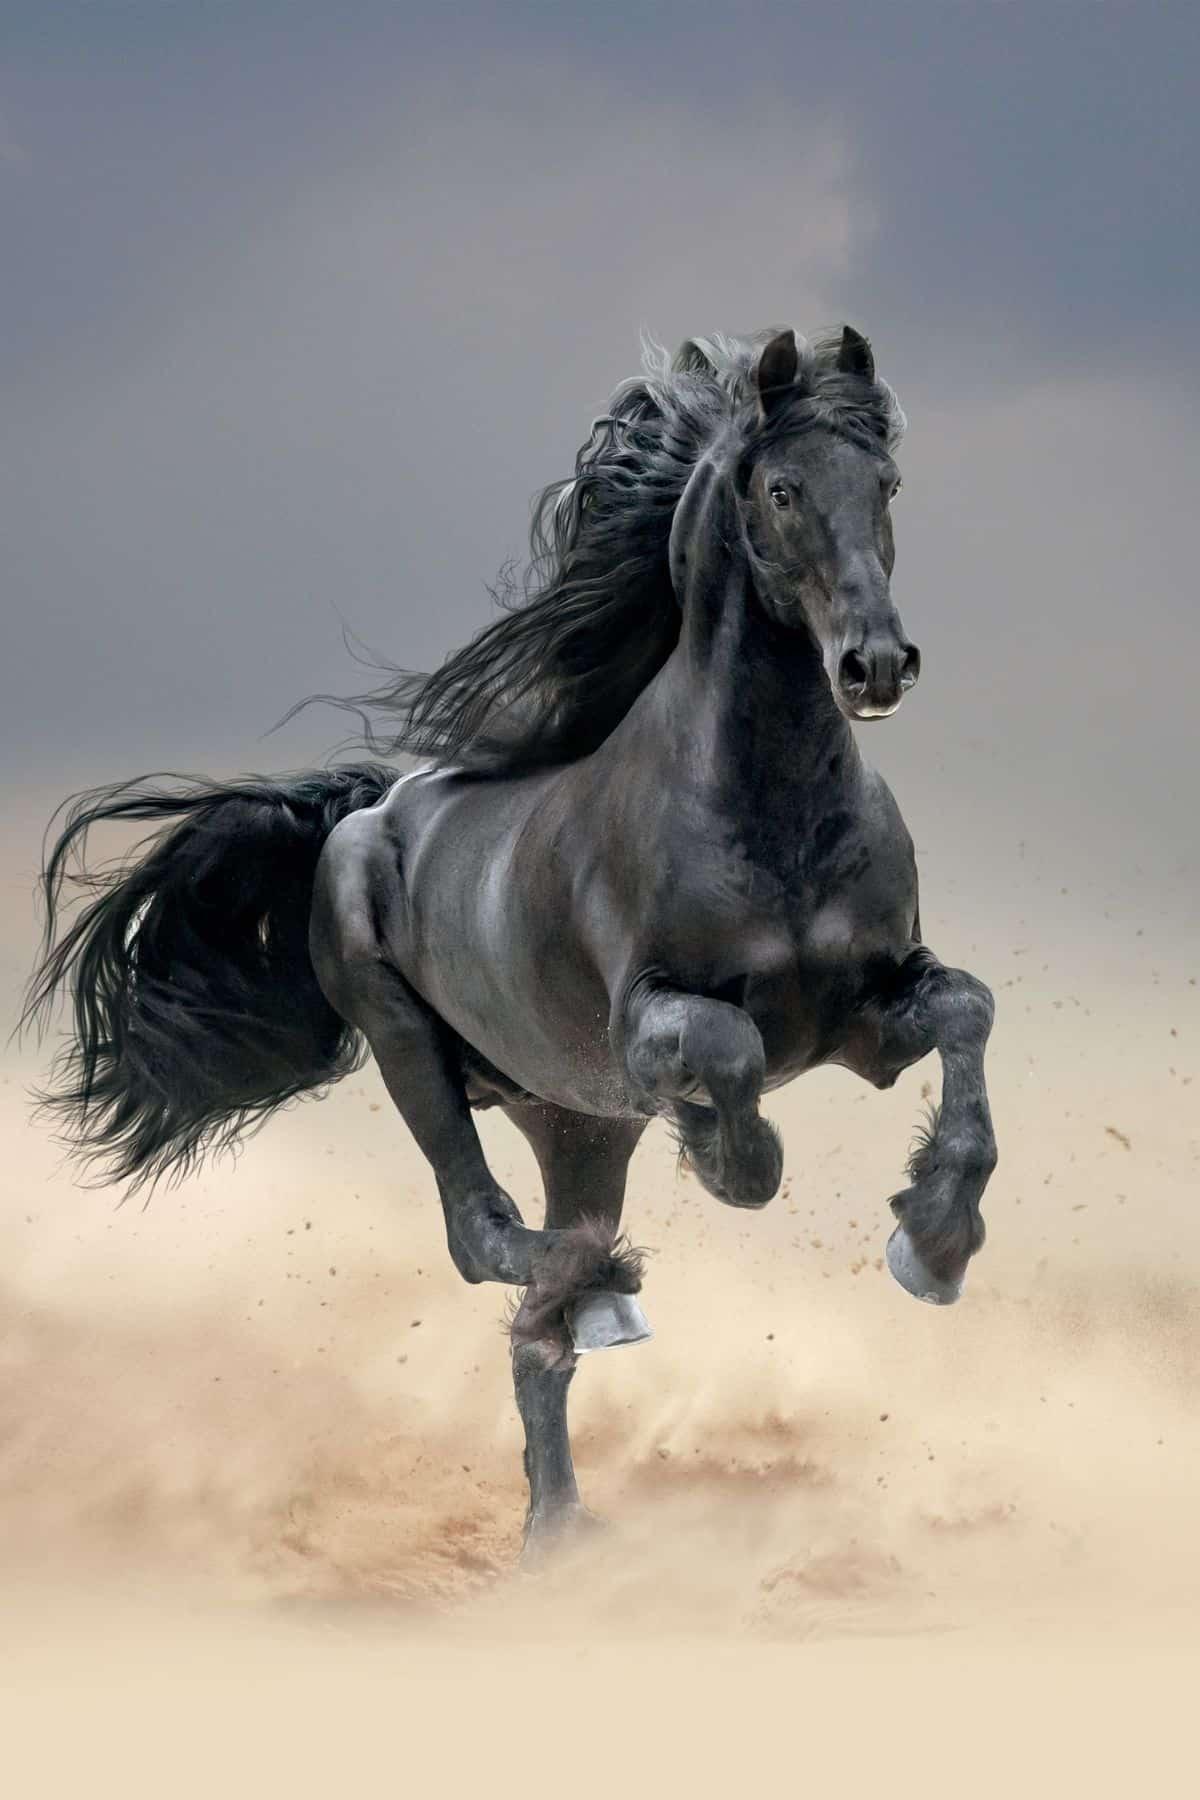 Black horse running in field